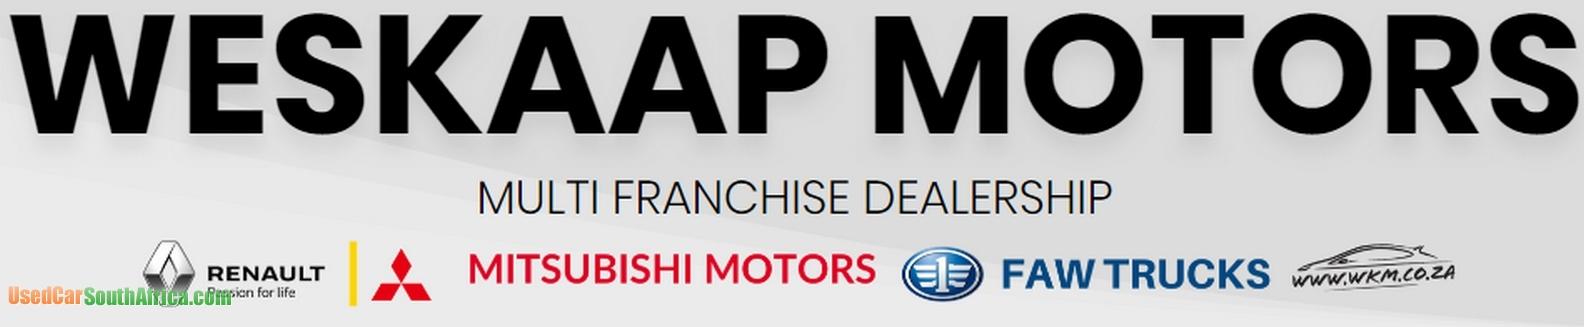 Weskaap Motors